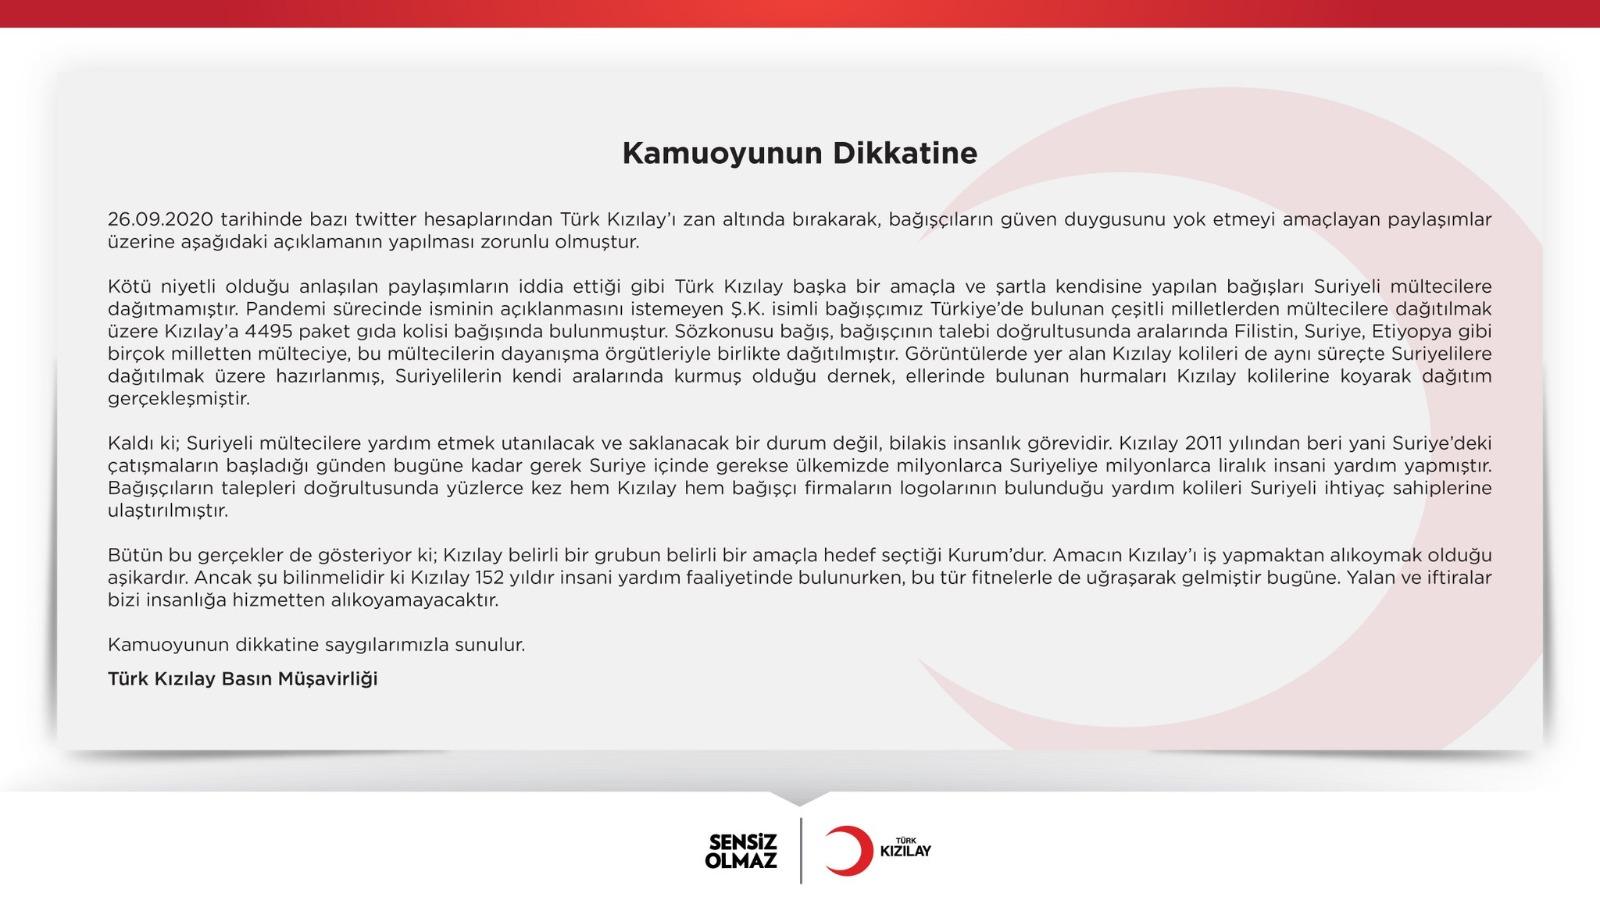 الهلال الأحمر التركي يرد على اتهامات بتخصيص السوريين بالمساعدات دون غيرهم